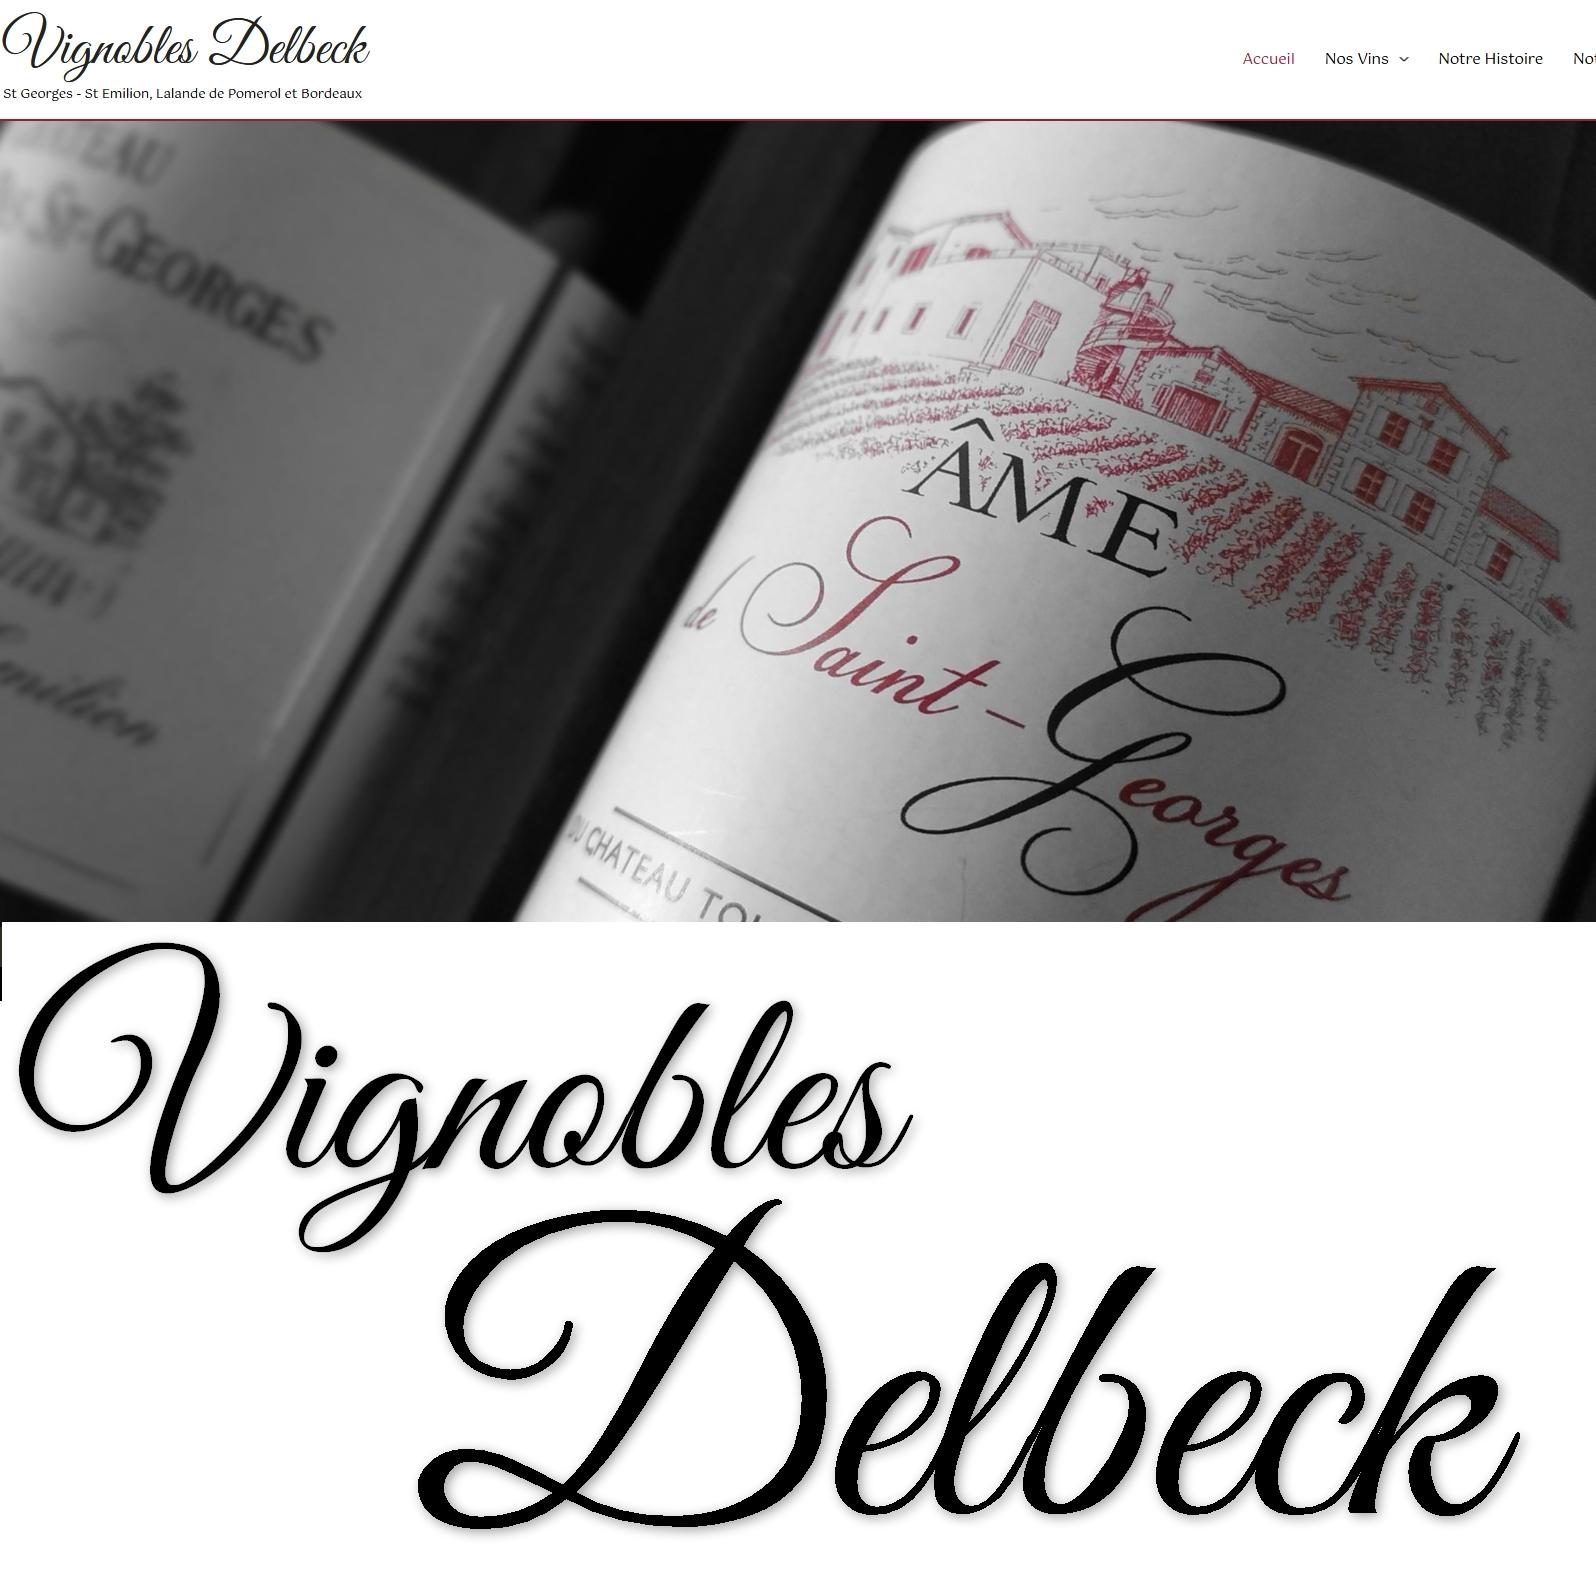 Les Vignobles Delbeck